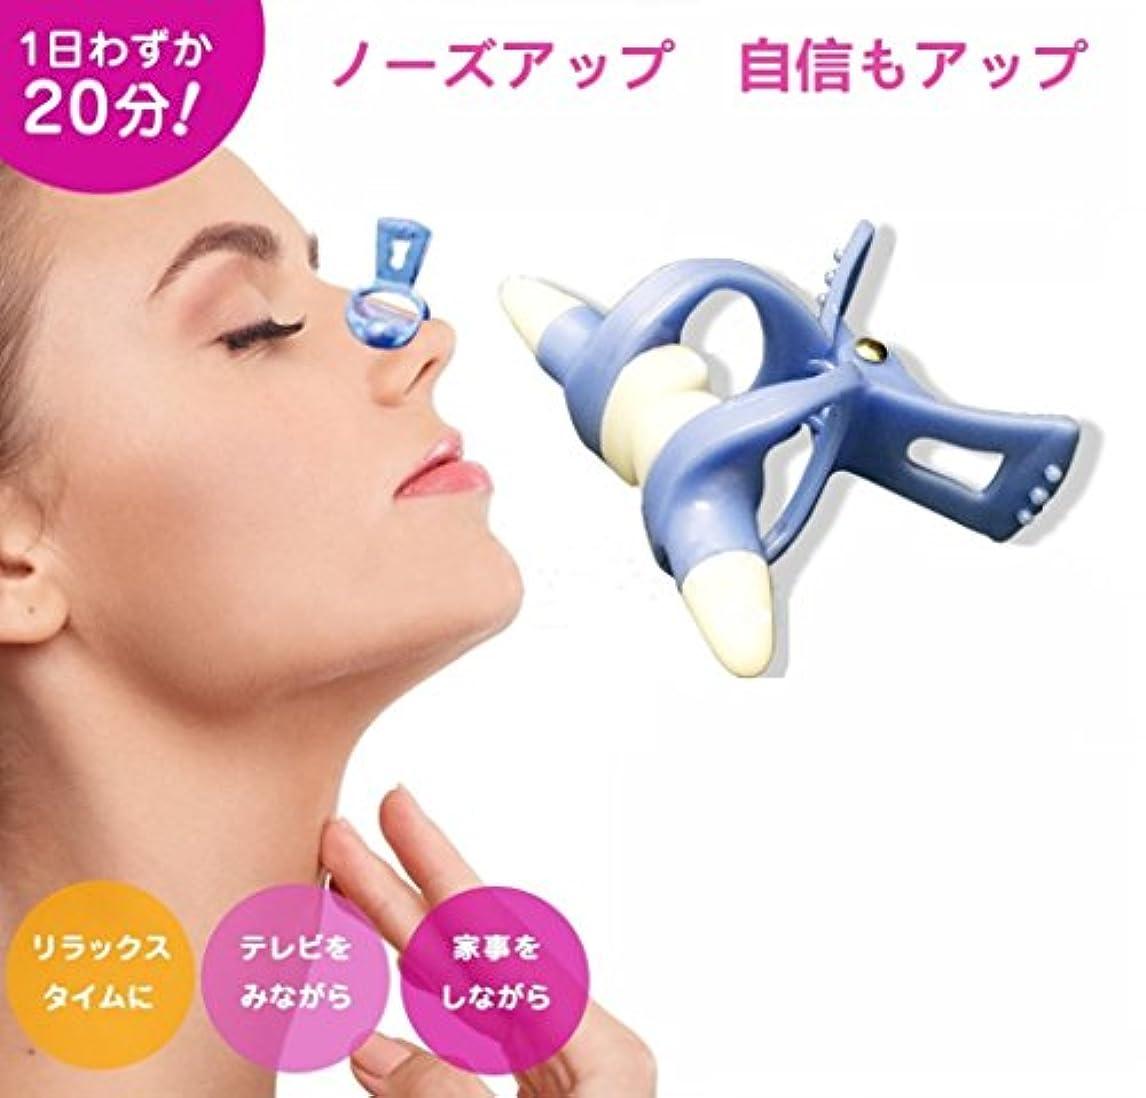 レイアウト硬化する提供されたノーズアップ ノーズクリップ Vicona鼻クリップ 美鼻 鼻筋矯正 鼻プチ プチ整形 鼻筋セレブ 抗菌シリコンで  柔らか素材で痛くない 肌にやさしい